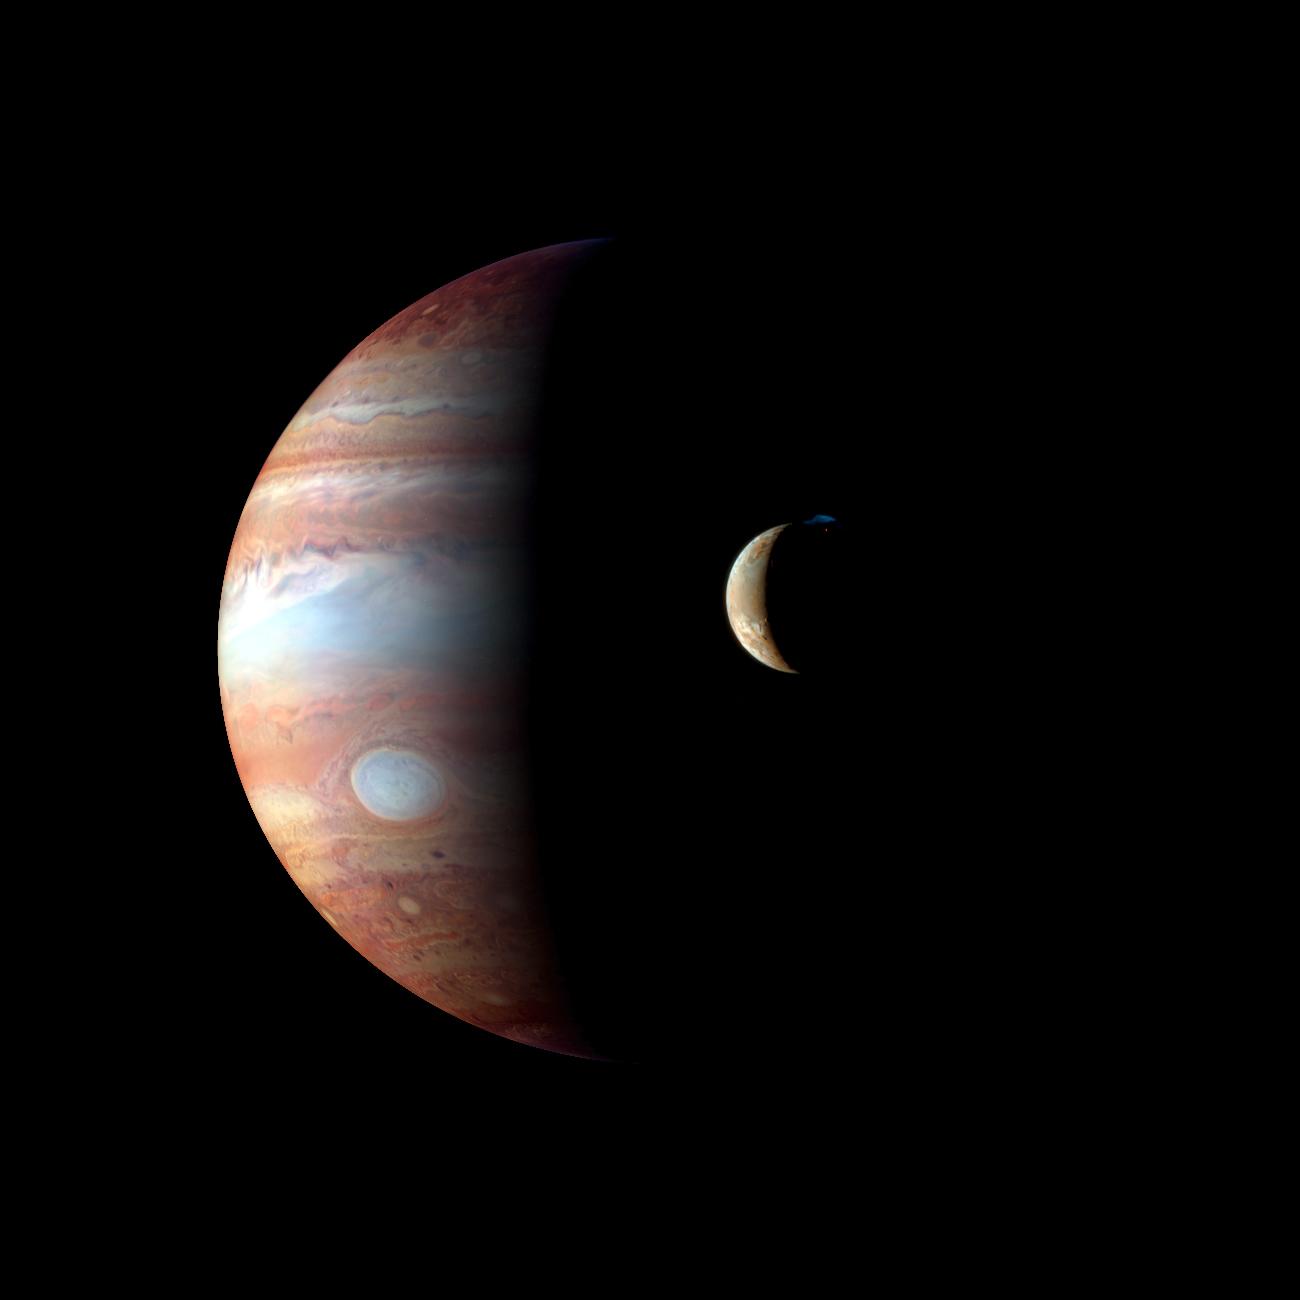 Jupiter - Io - Image Gallery